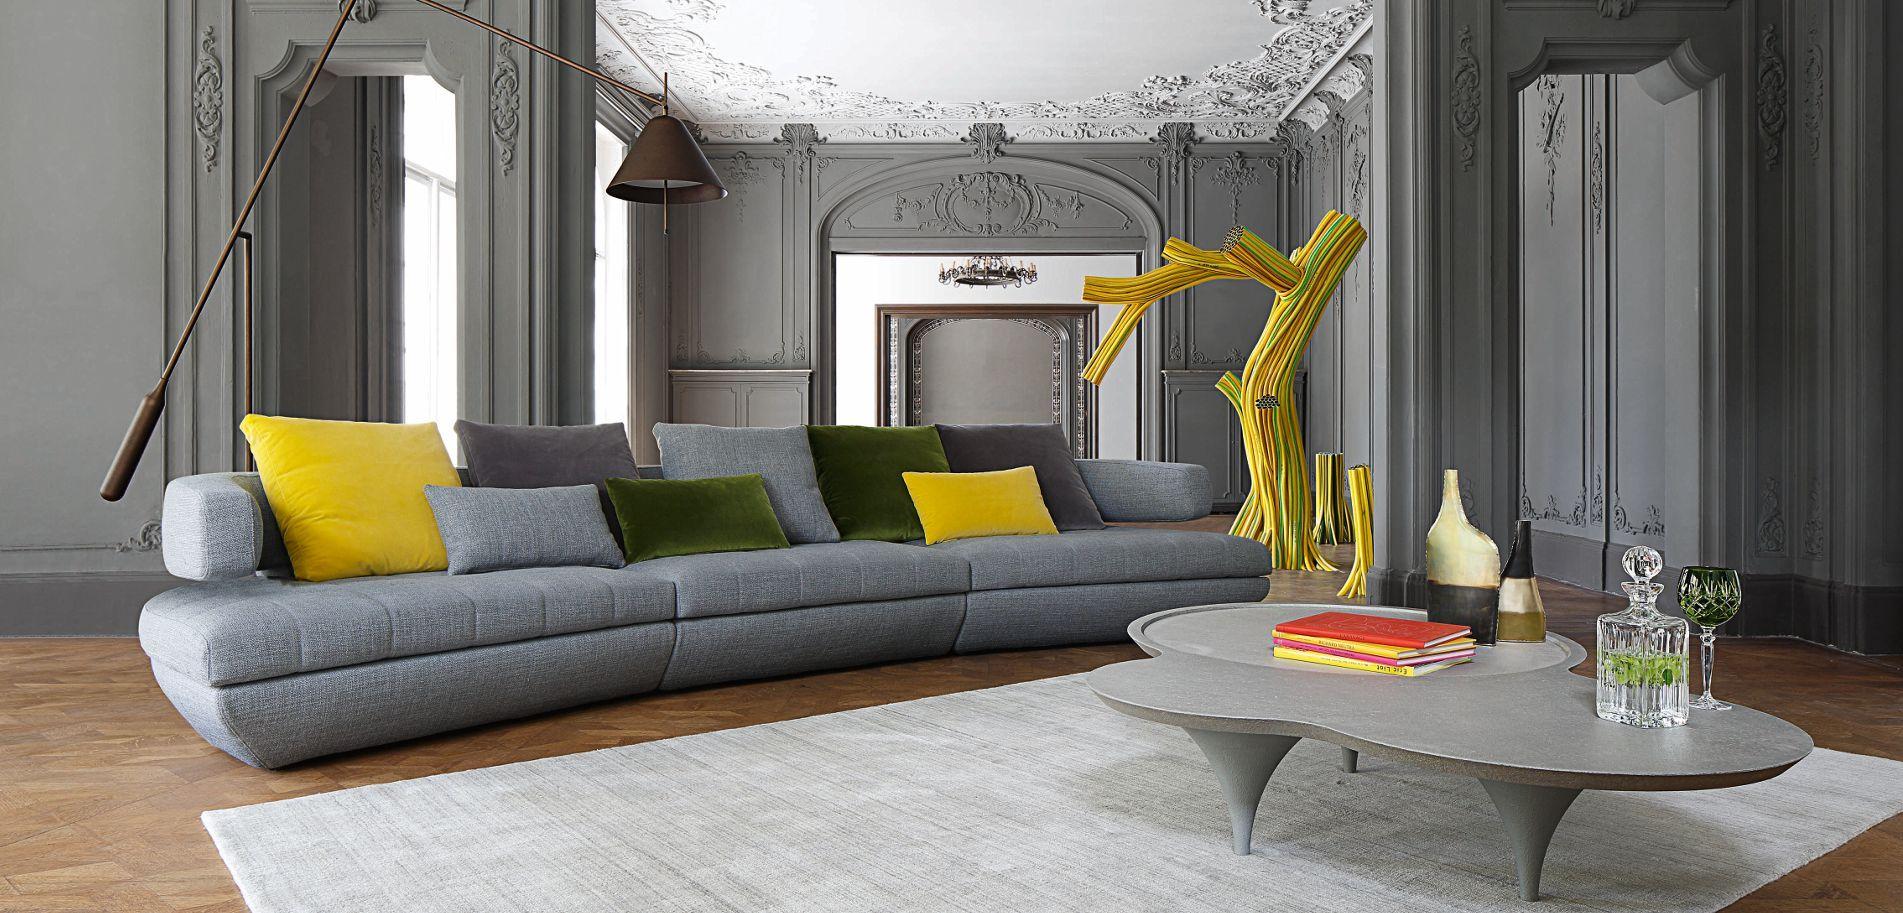 Kerria Rounded Composition 200locust Lr Pinterest  # Composition Murale Roche Bobois